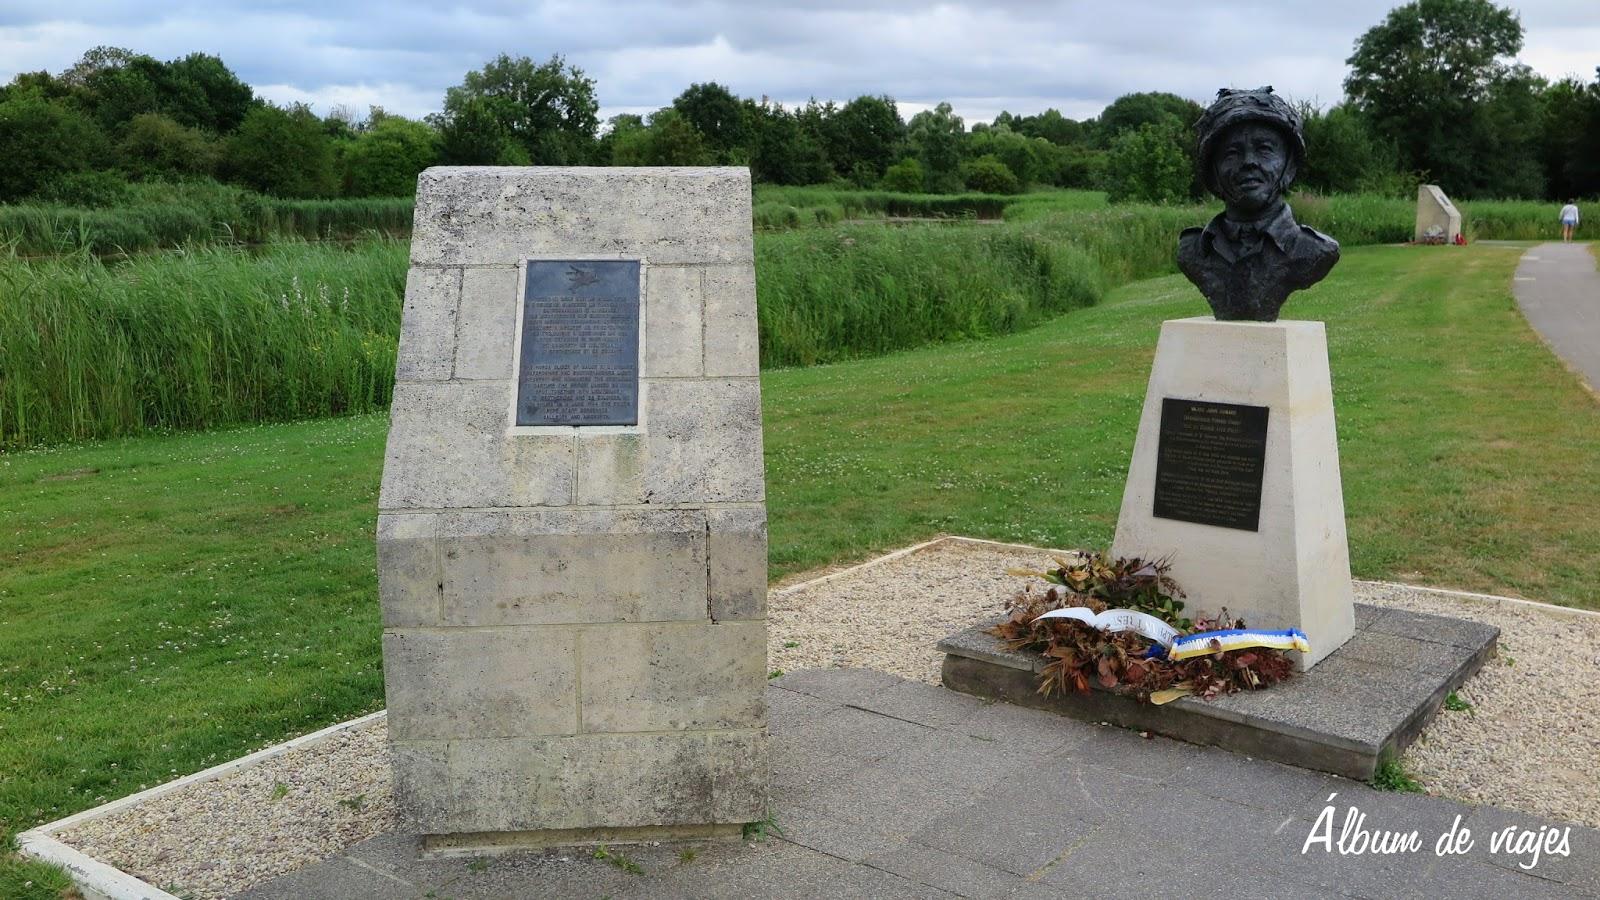 Álbum de viajes: Día 4: Normandía: Caen - Puente Pegasus - Playa ...